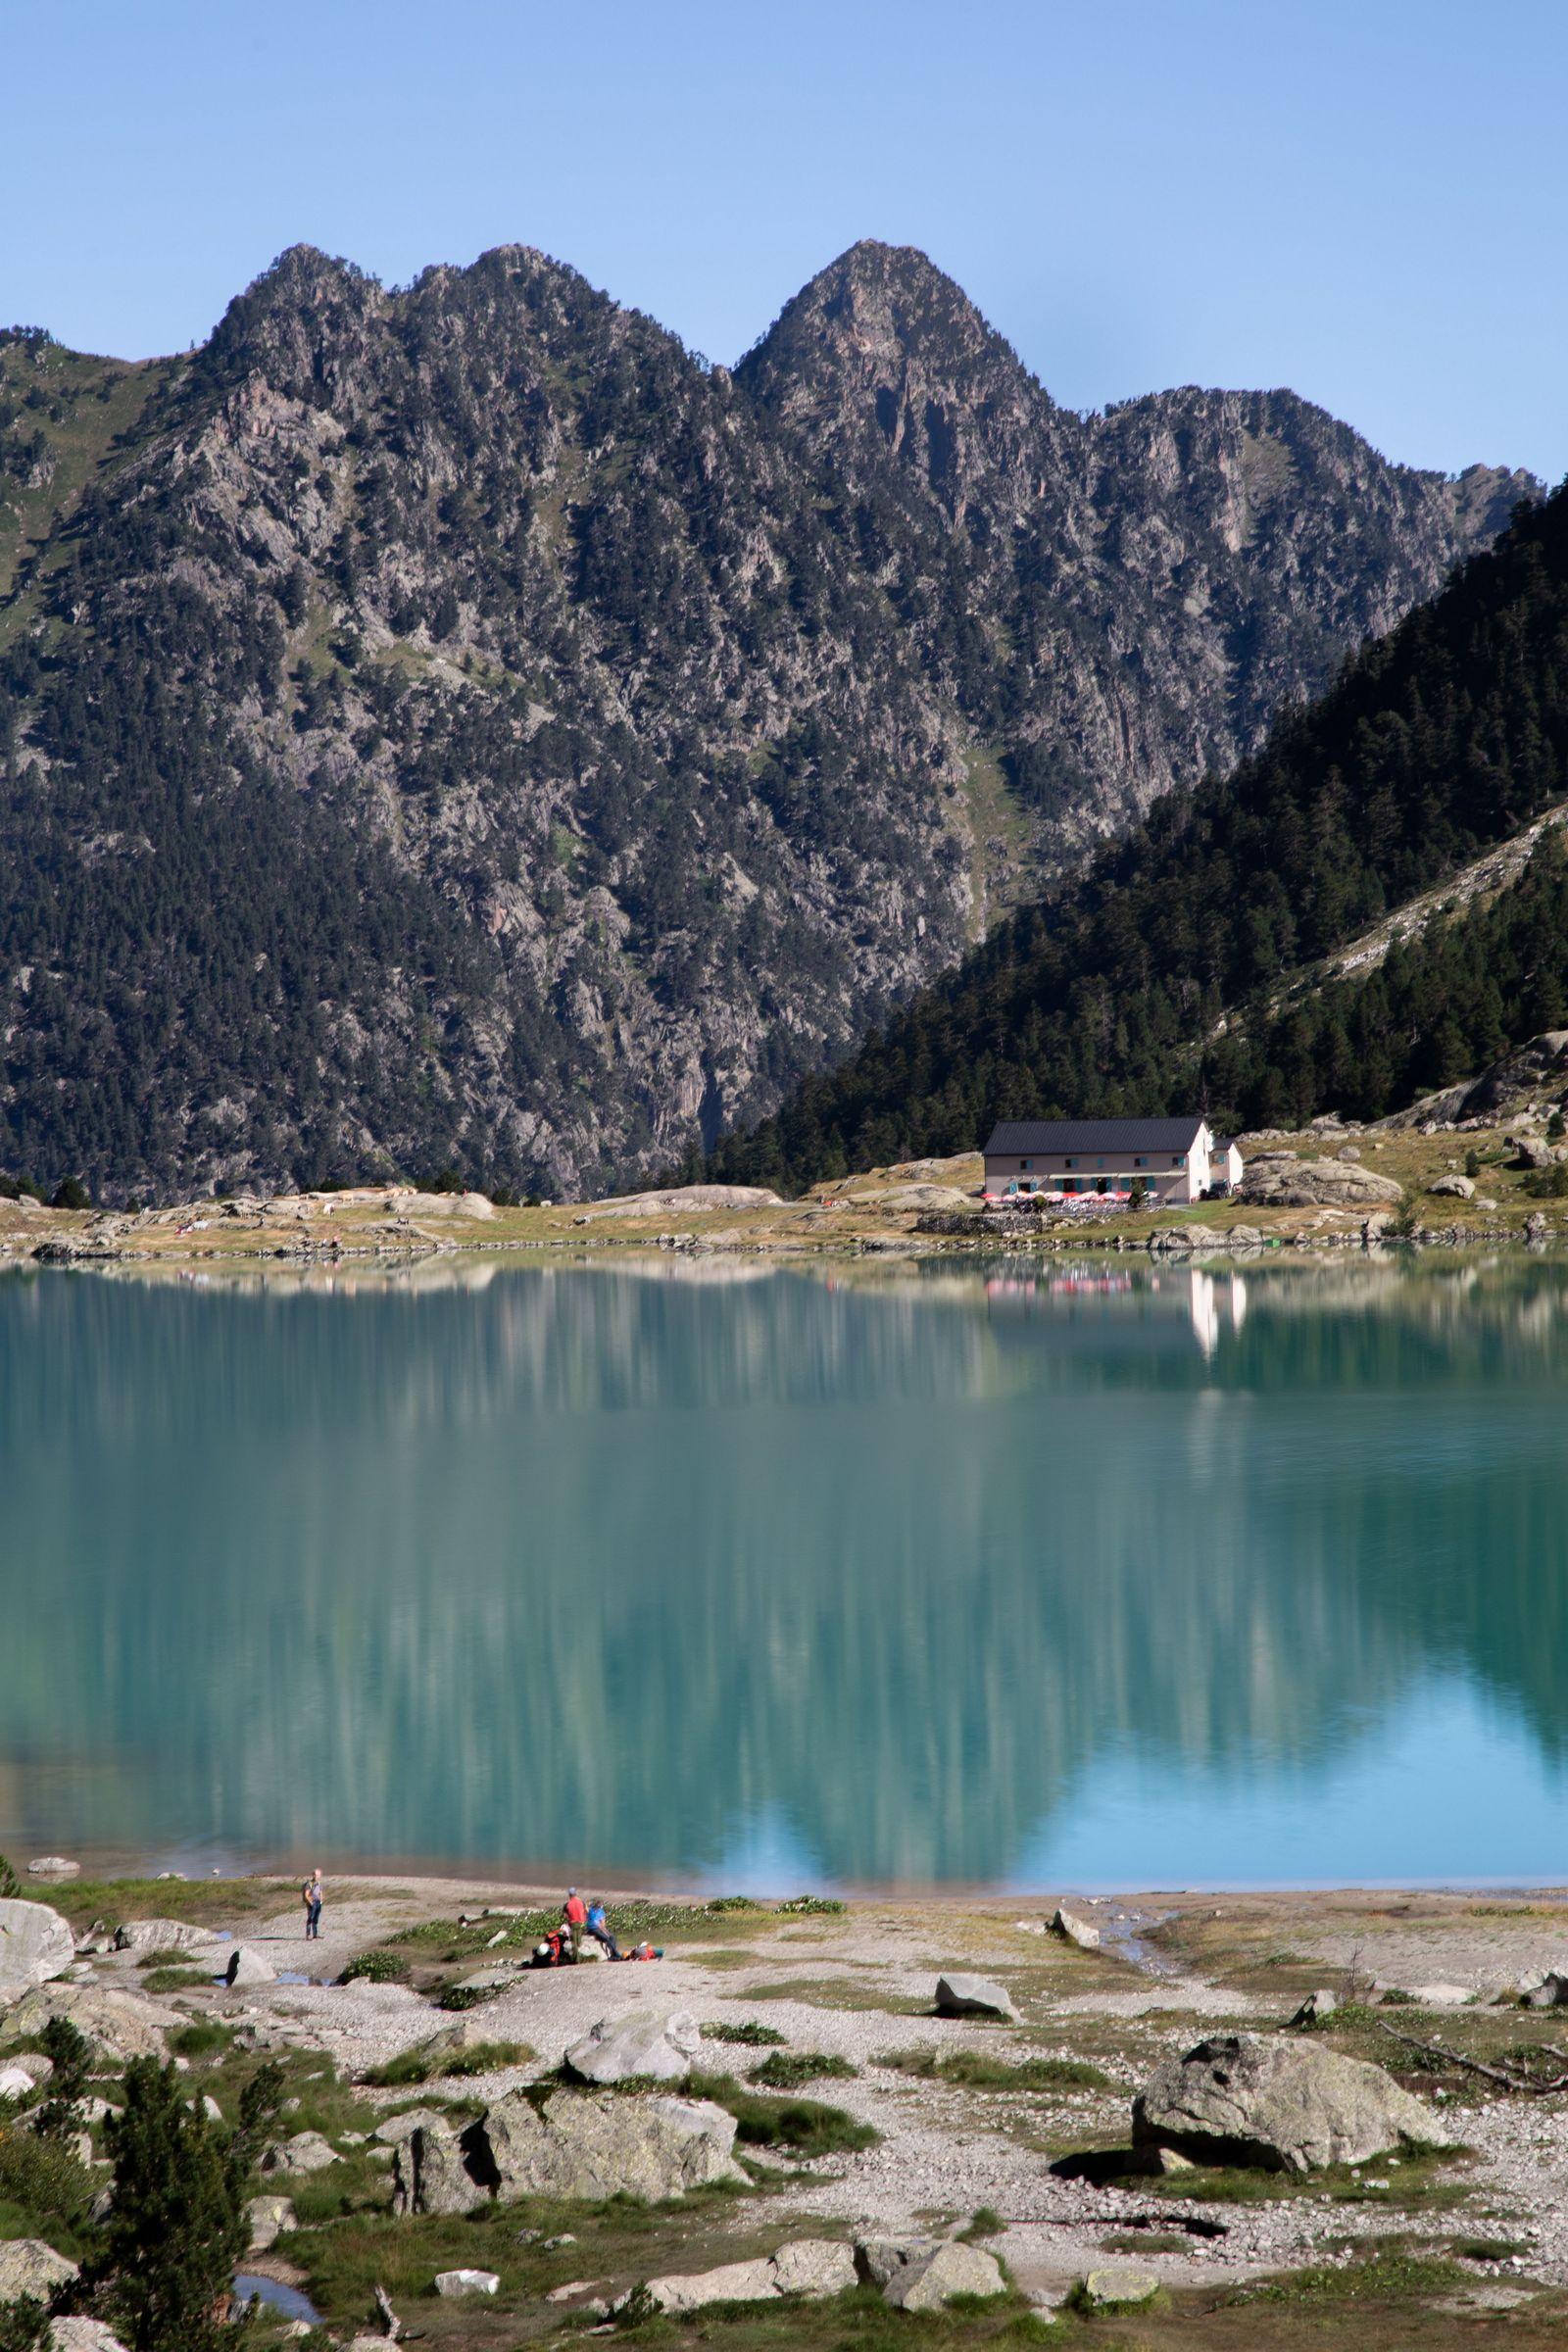 Rodeando el lago sin quitarle ojo